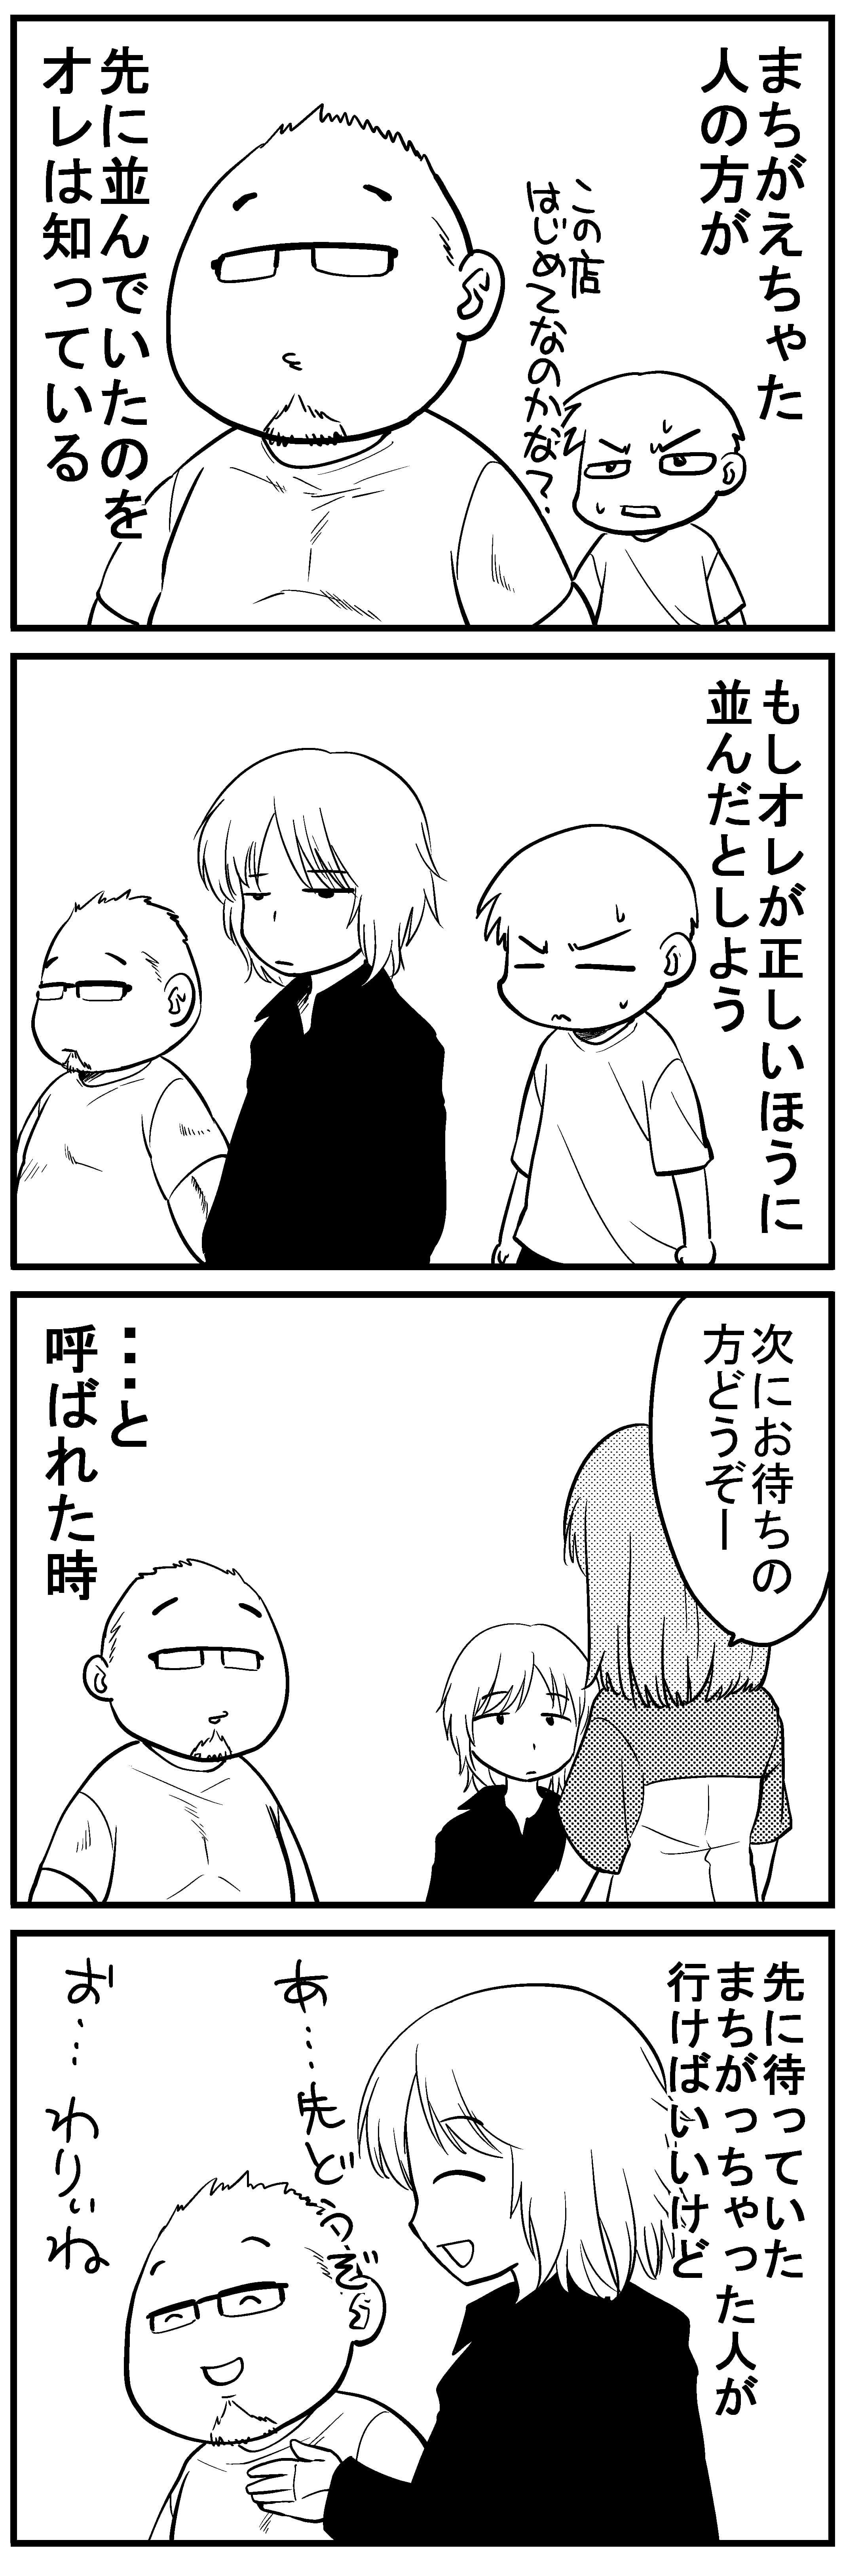 深読み君8 のコピー_mini (1)